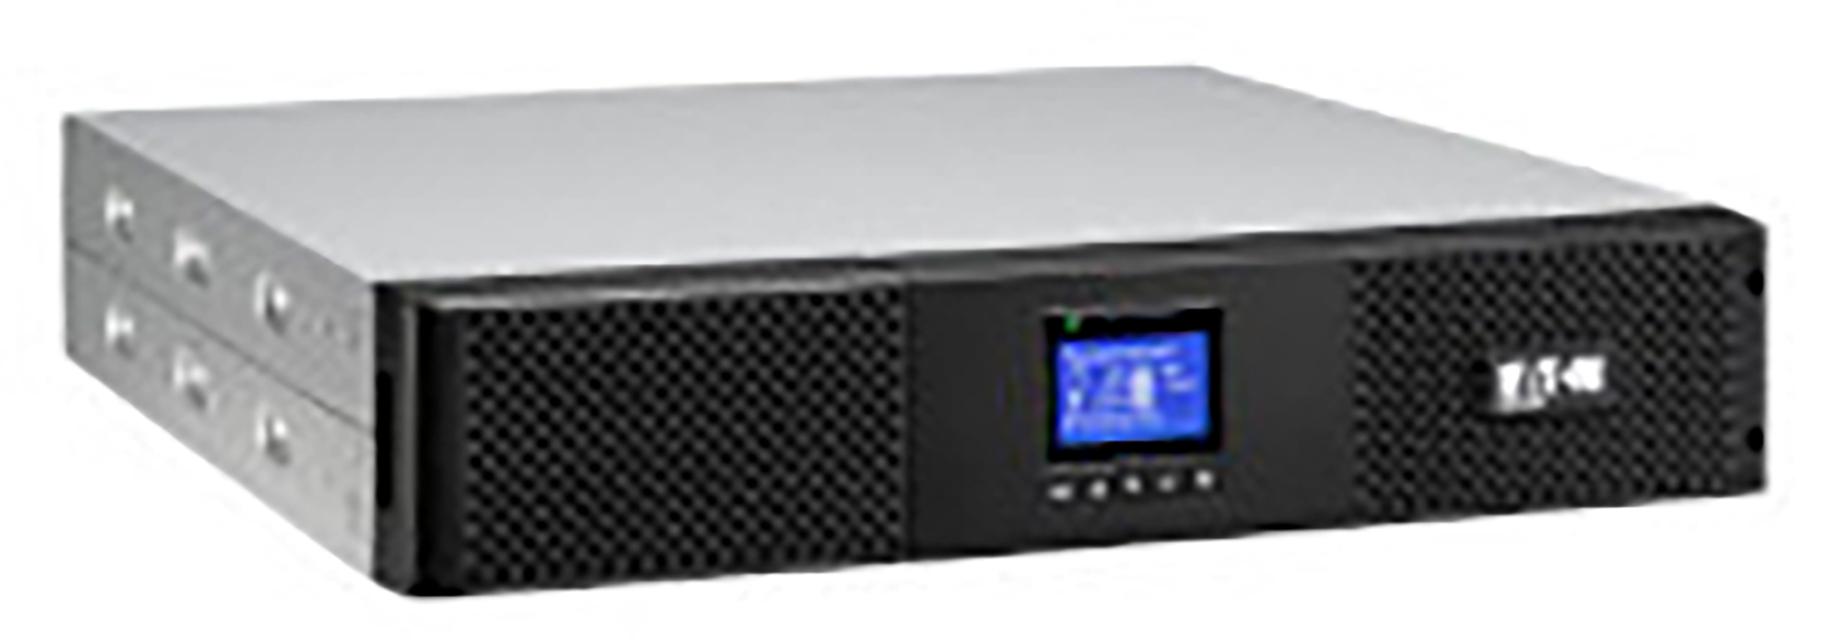 Eaton 9SX Double-conversion (Online) 1 kVA 900 W 7 AC outlet(s)